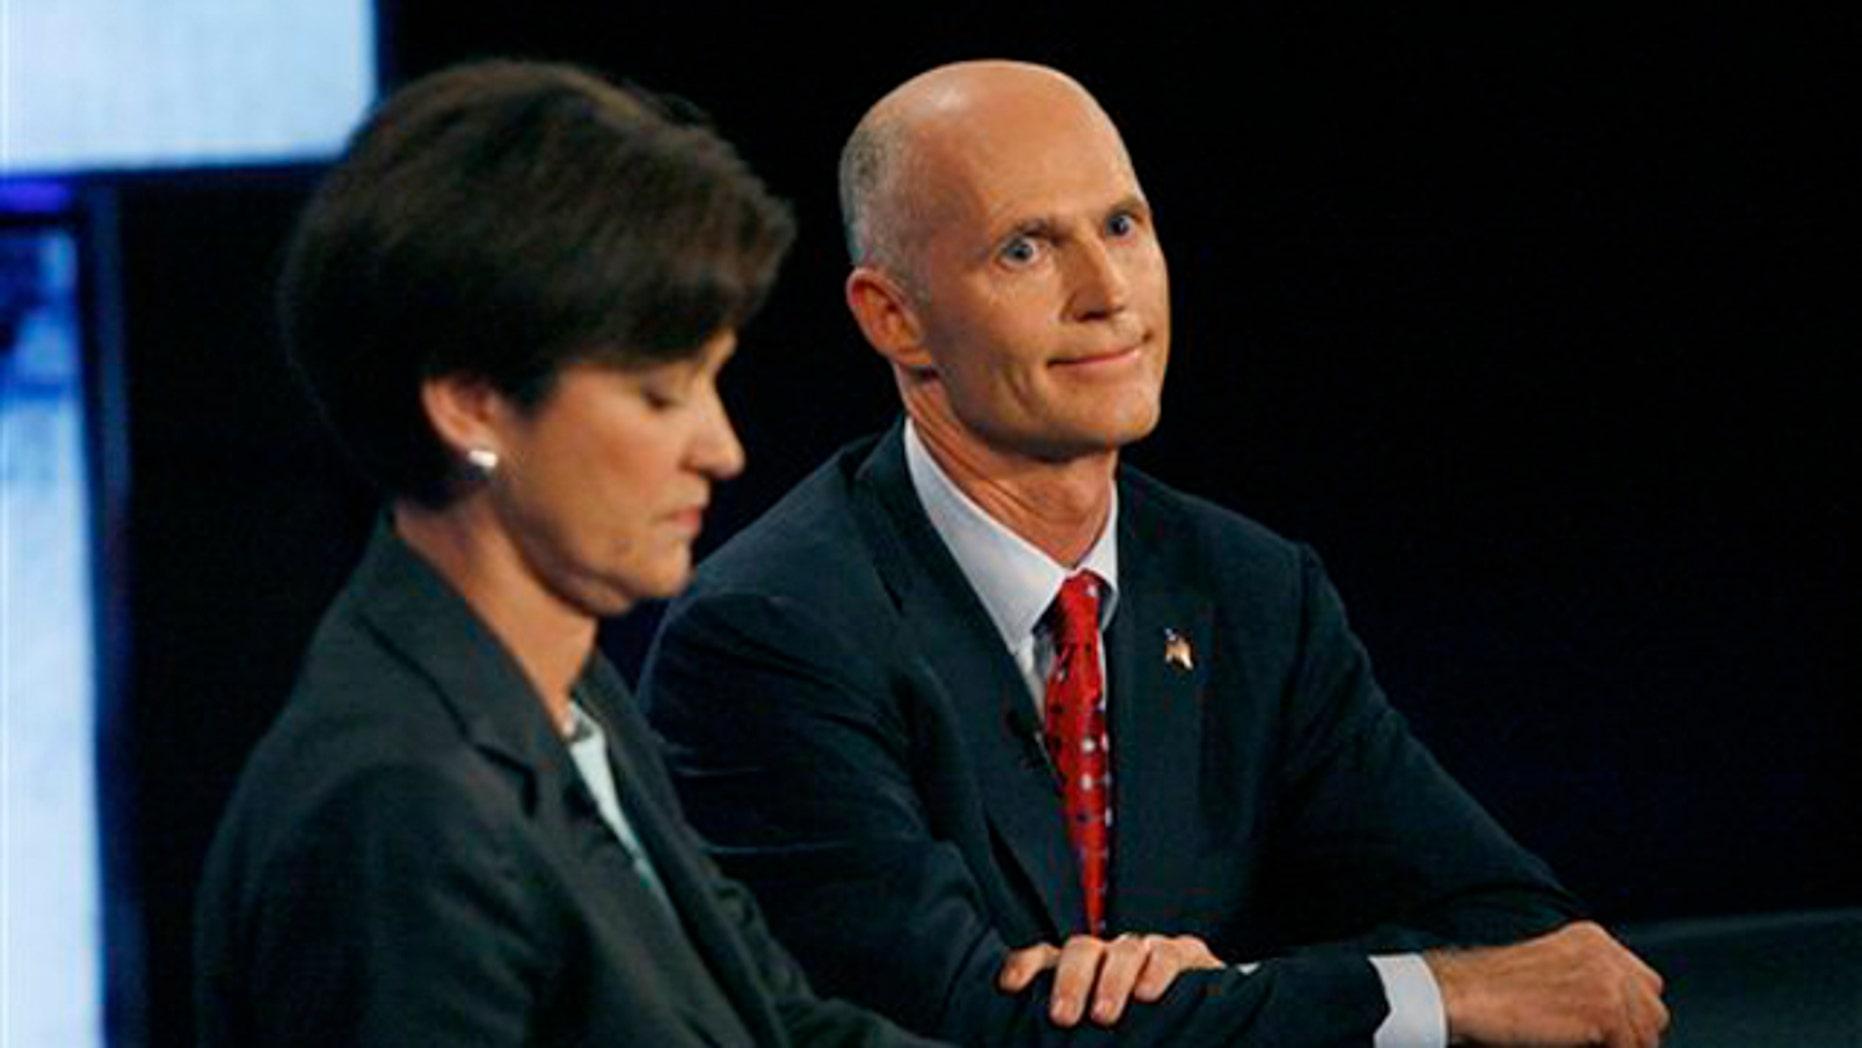 Democratic candidate Alex Sink, left, and Republican candidate Rick Scott participate in a gubernatorial debate Oct. 25 in Tampa, Fla. (AP Photo)